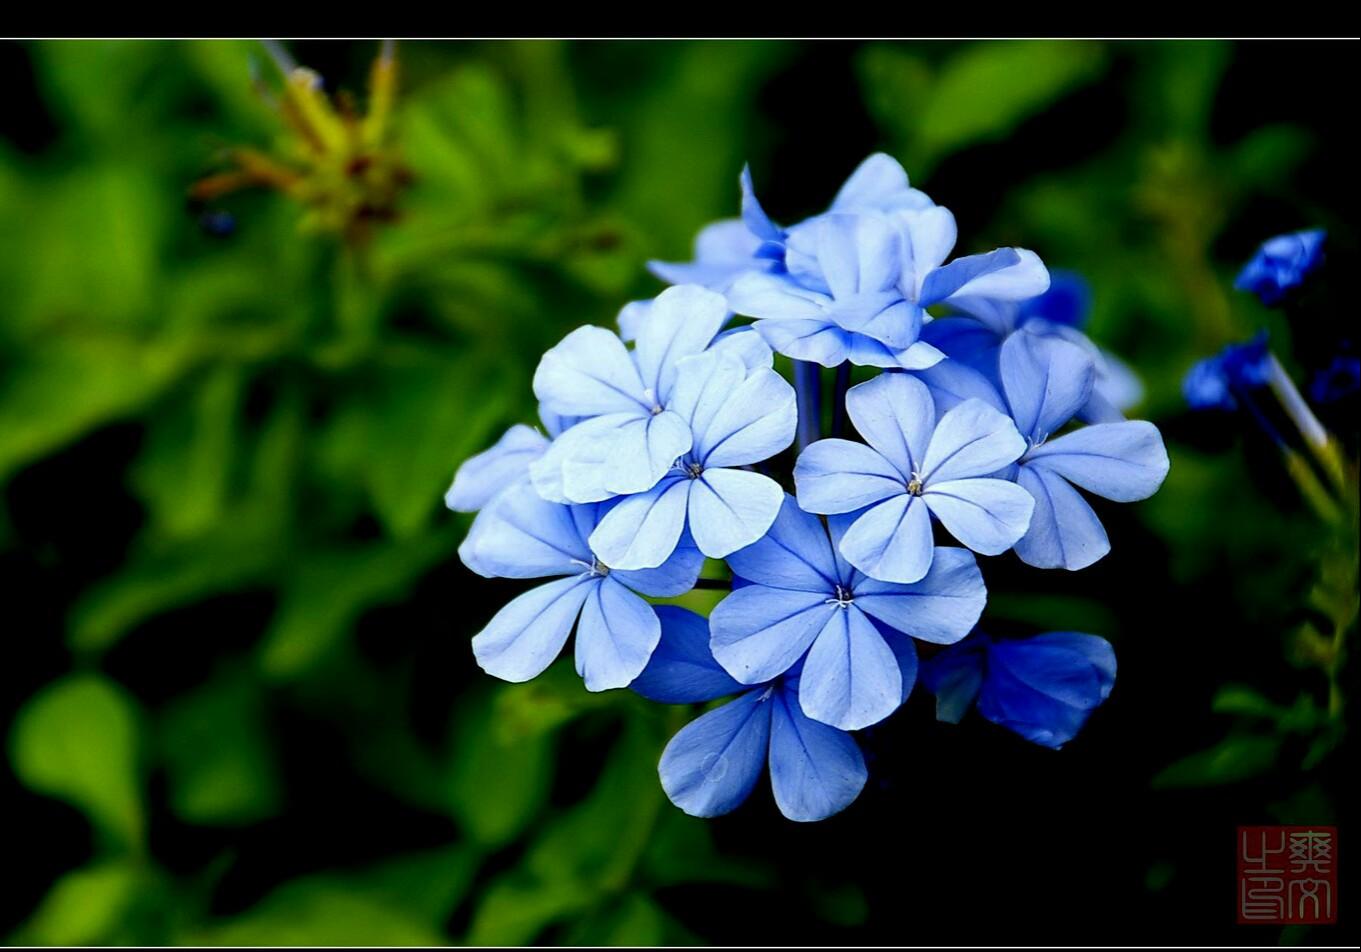 深受蓝色控喜爱的——蓝雪花,养在室内有毒吗?